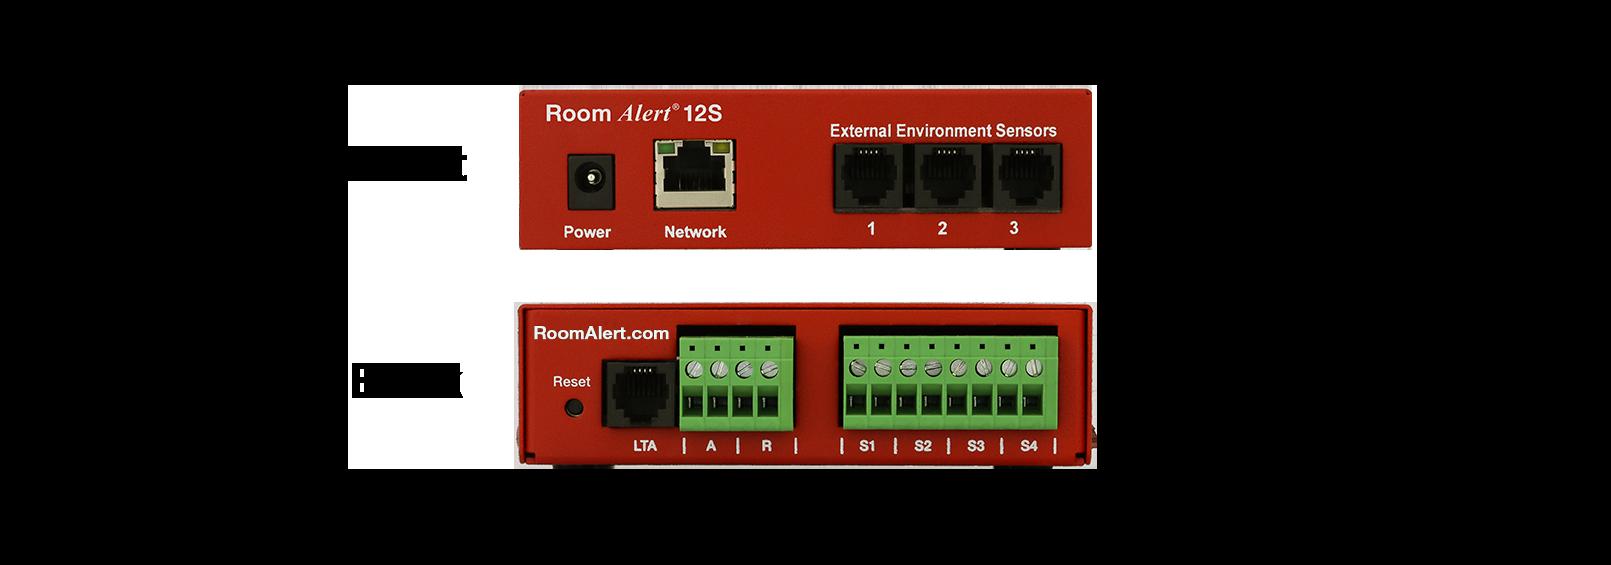 Room Alert 12S